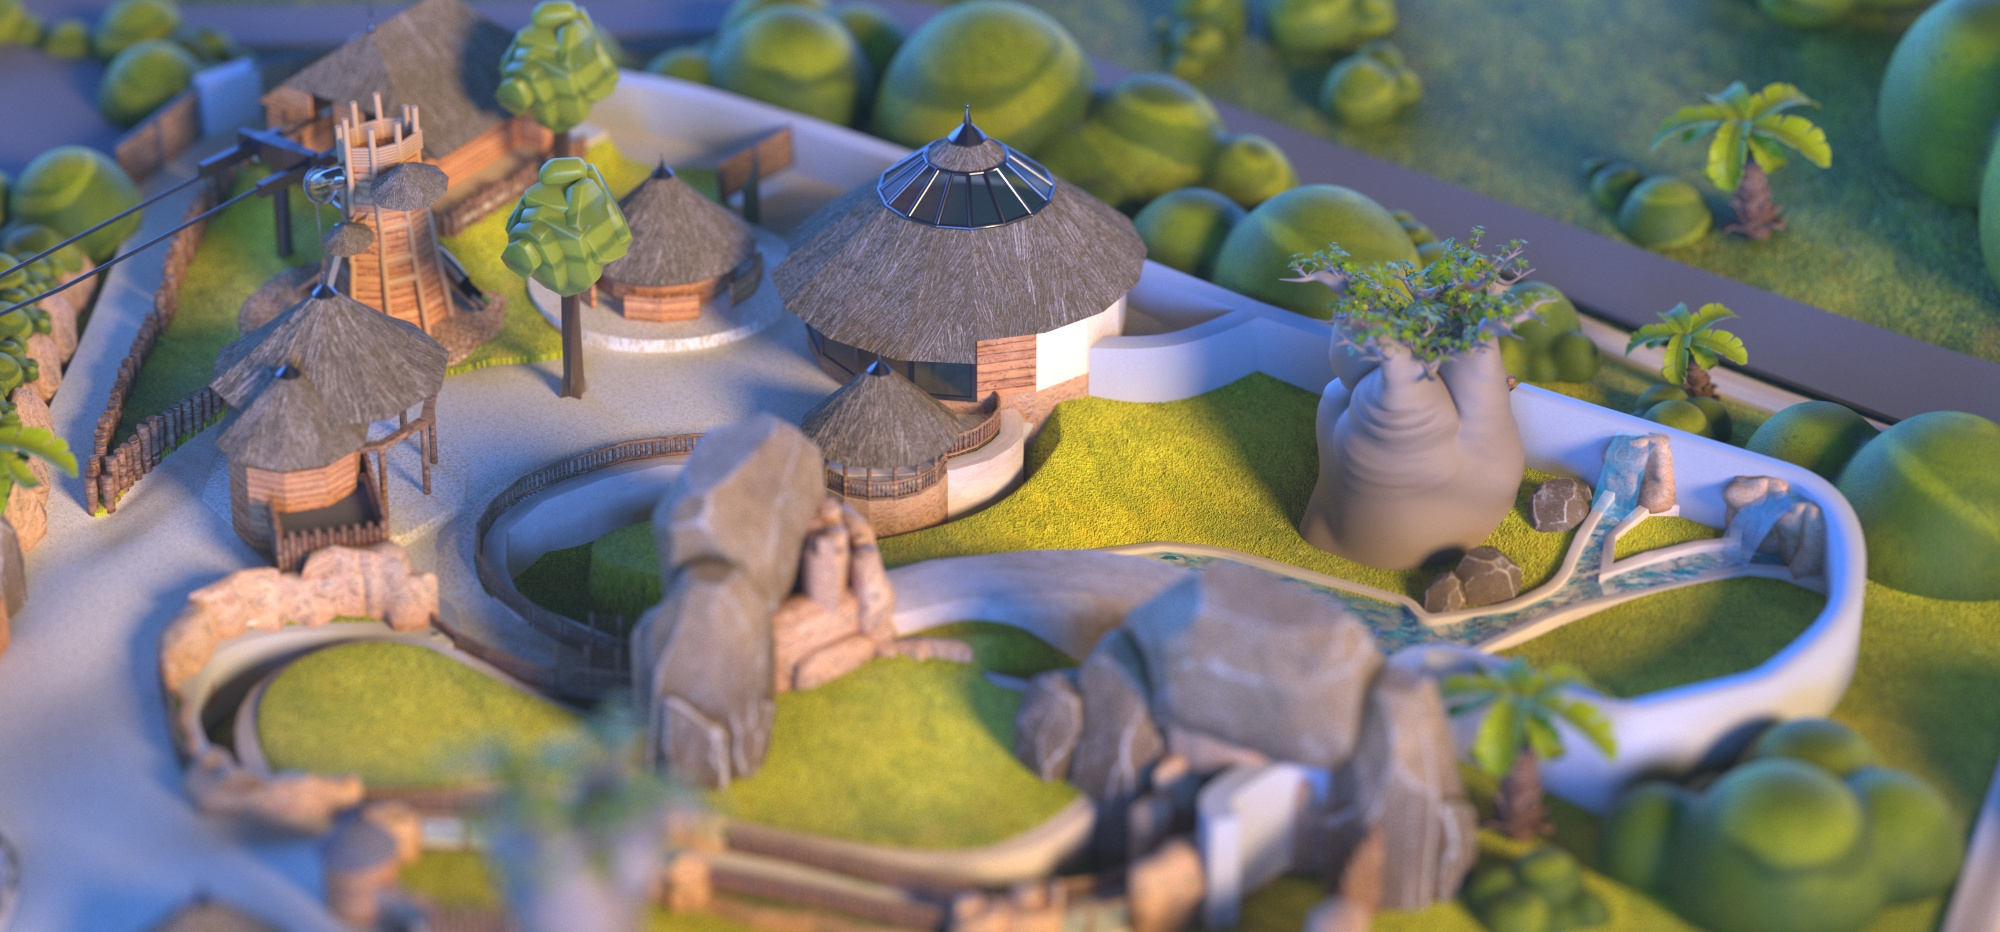 GALERIE-Dripmoon-Studio-3D-Tours-Motion-design-Zooparc-de-Beauval-Plan-du-parc 12